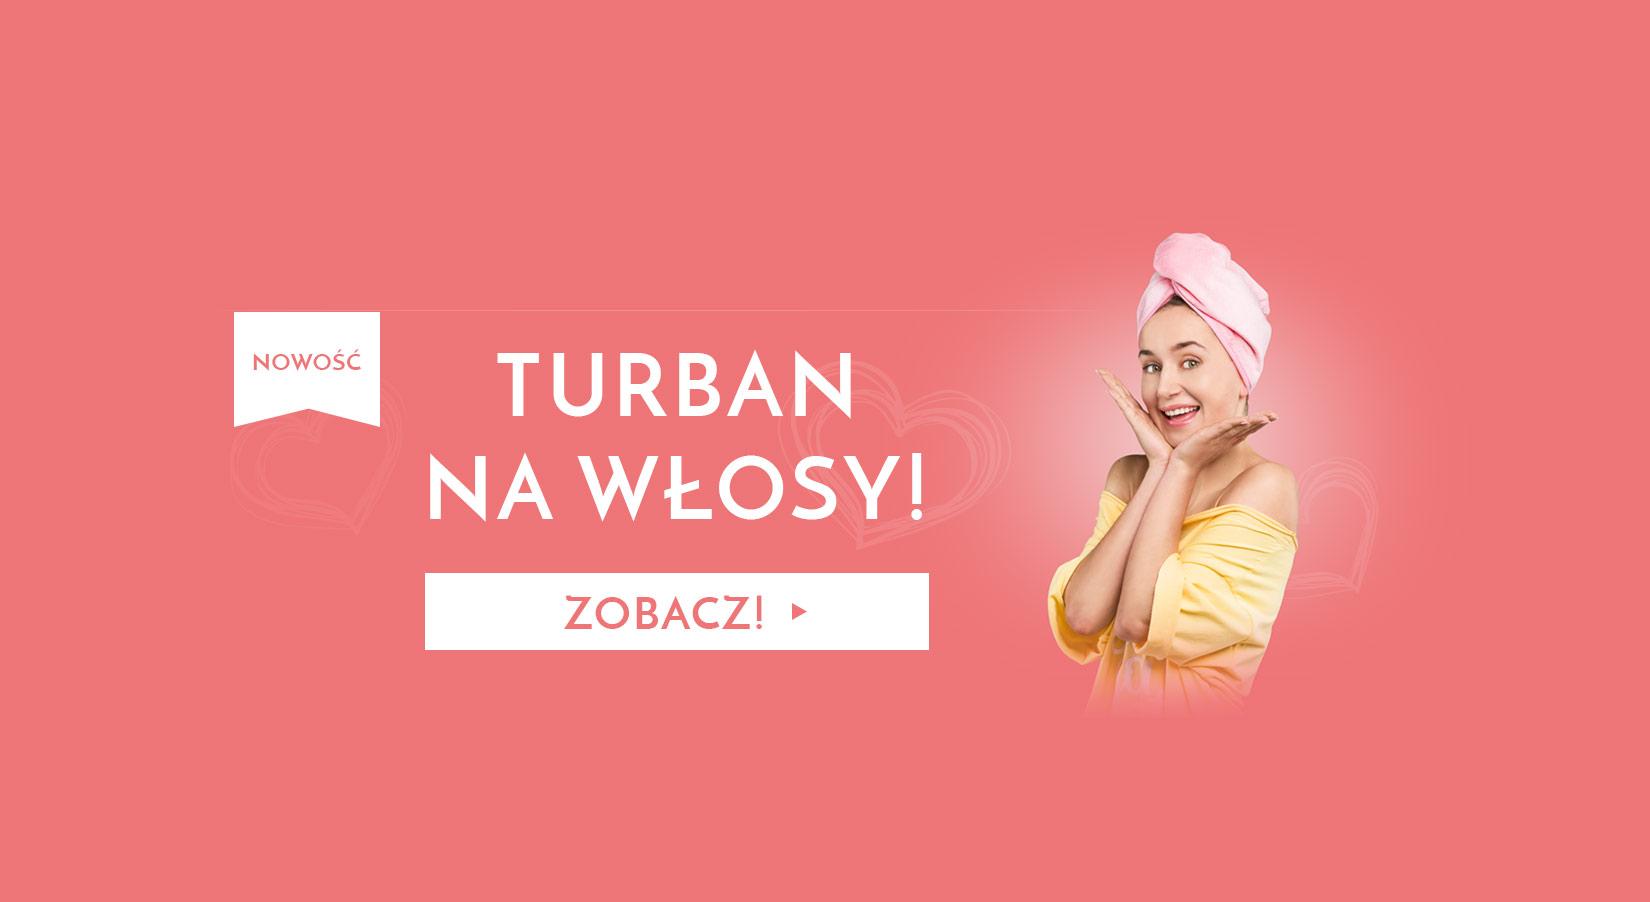 Turban na włosy